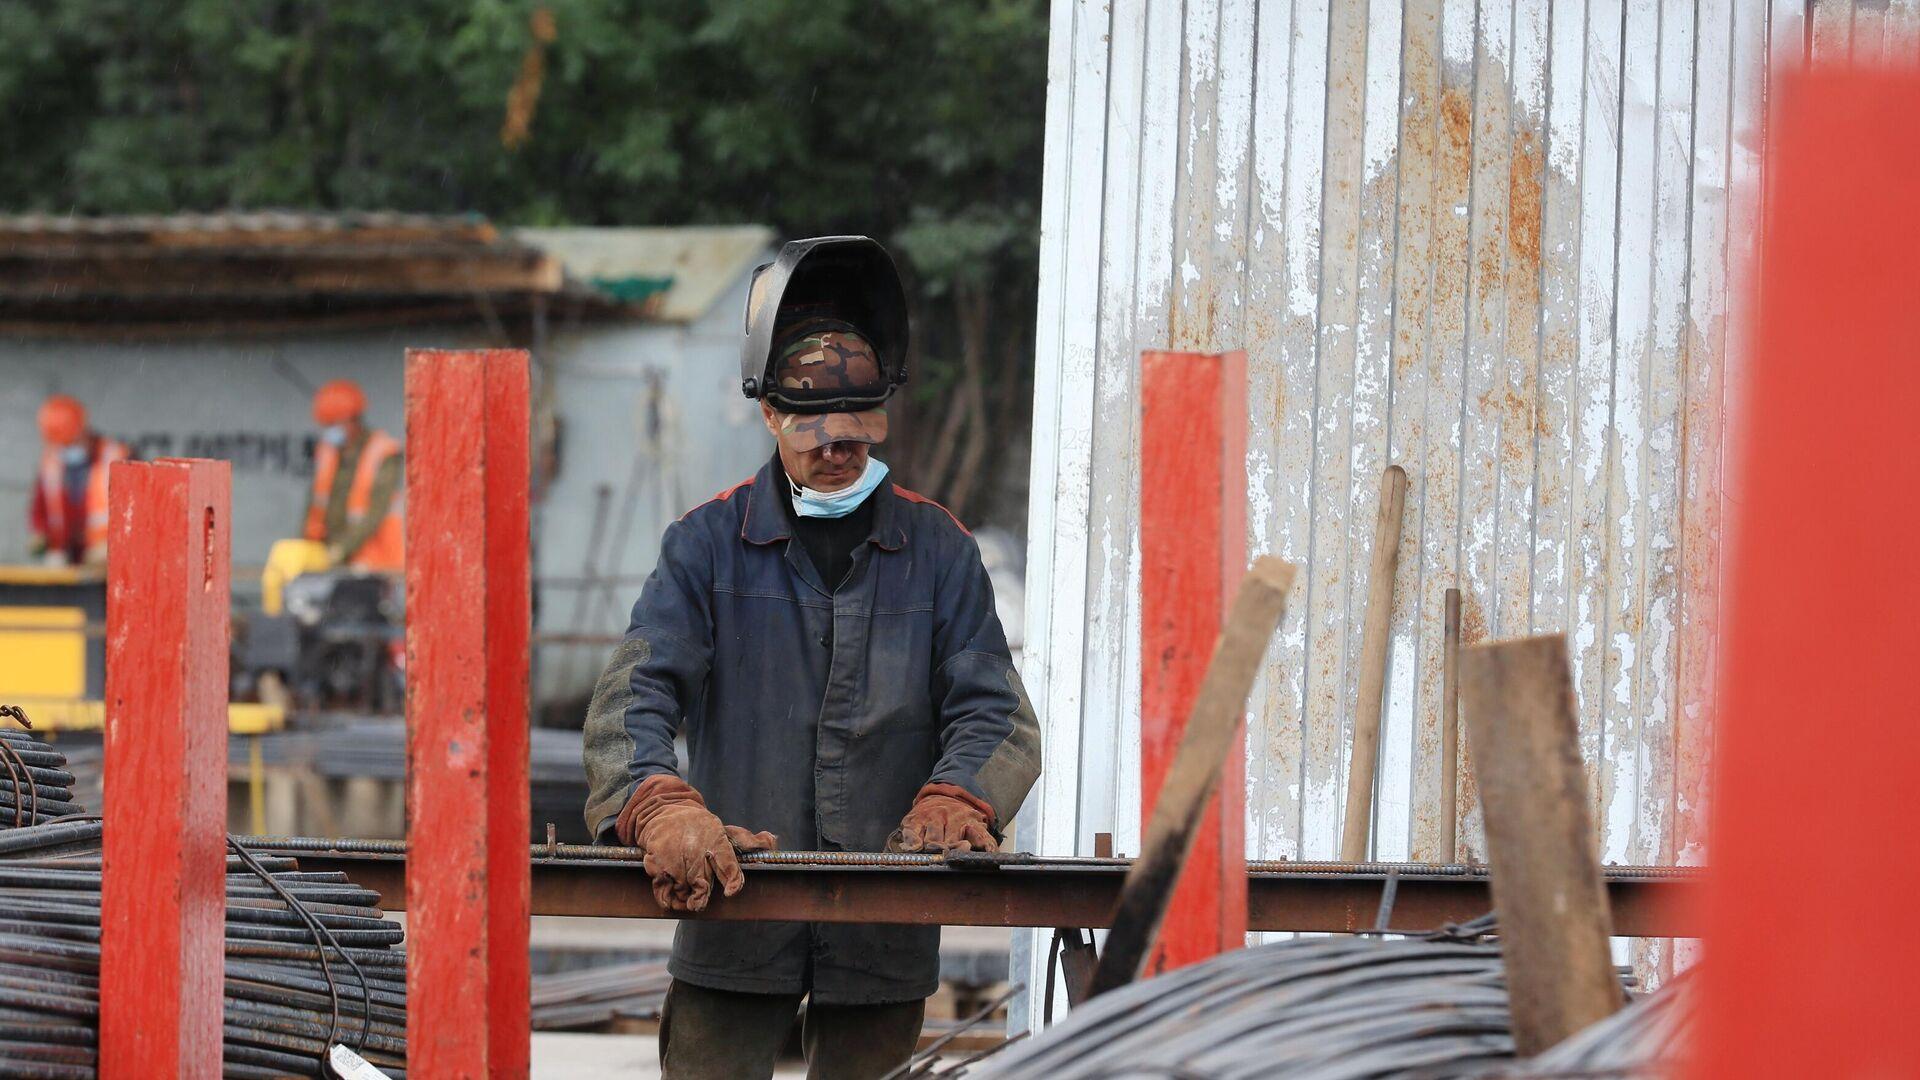 Сотрудник Мостотреста на строительстве участка Северо-Восточной хорды в Москве - РИА Новости, 1920, 09.01.2021